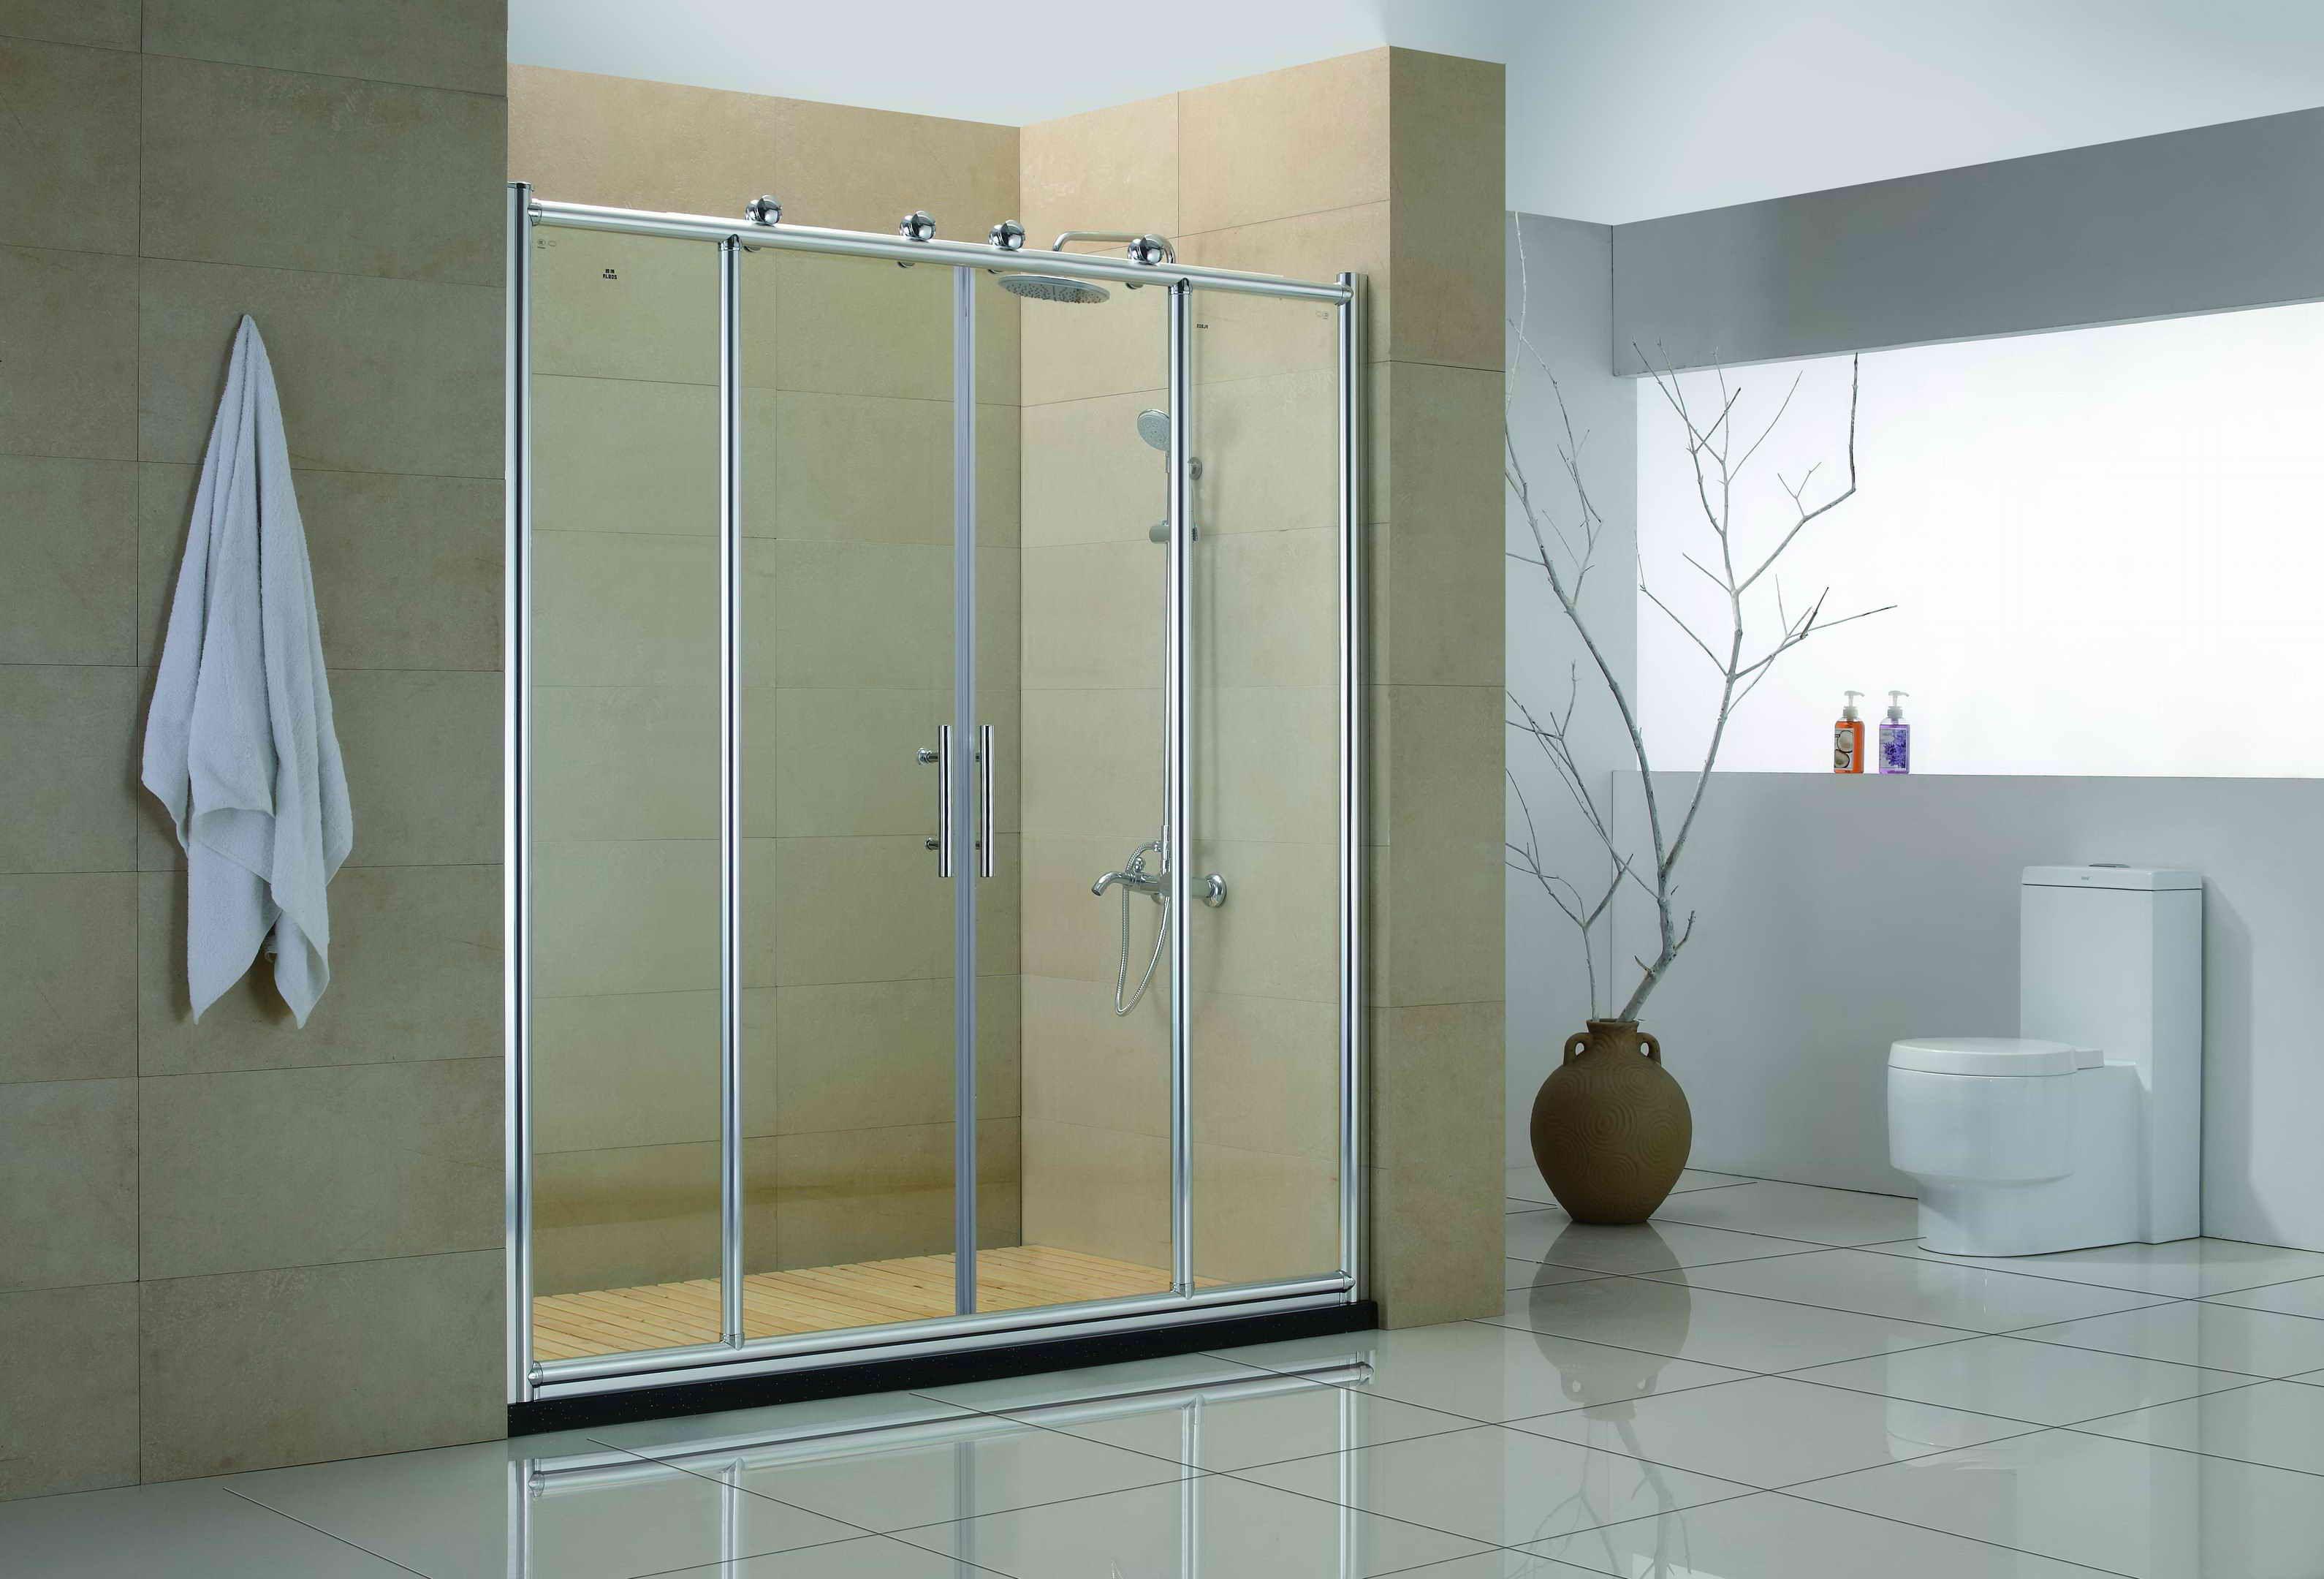 Dusche Glas Badewanne Schiebe Türen Badewanne, Glastür